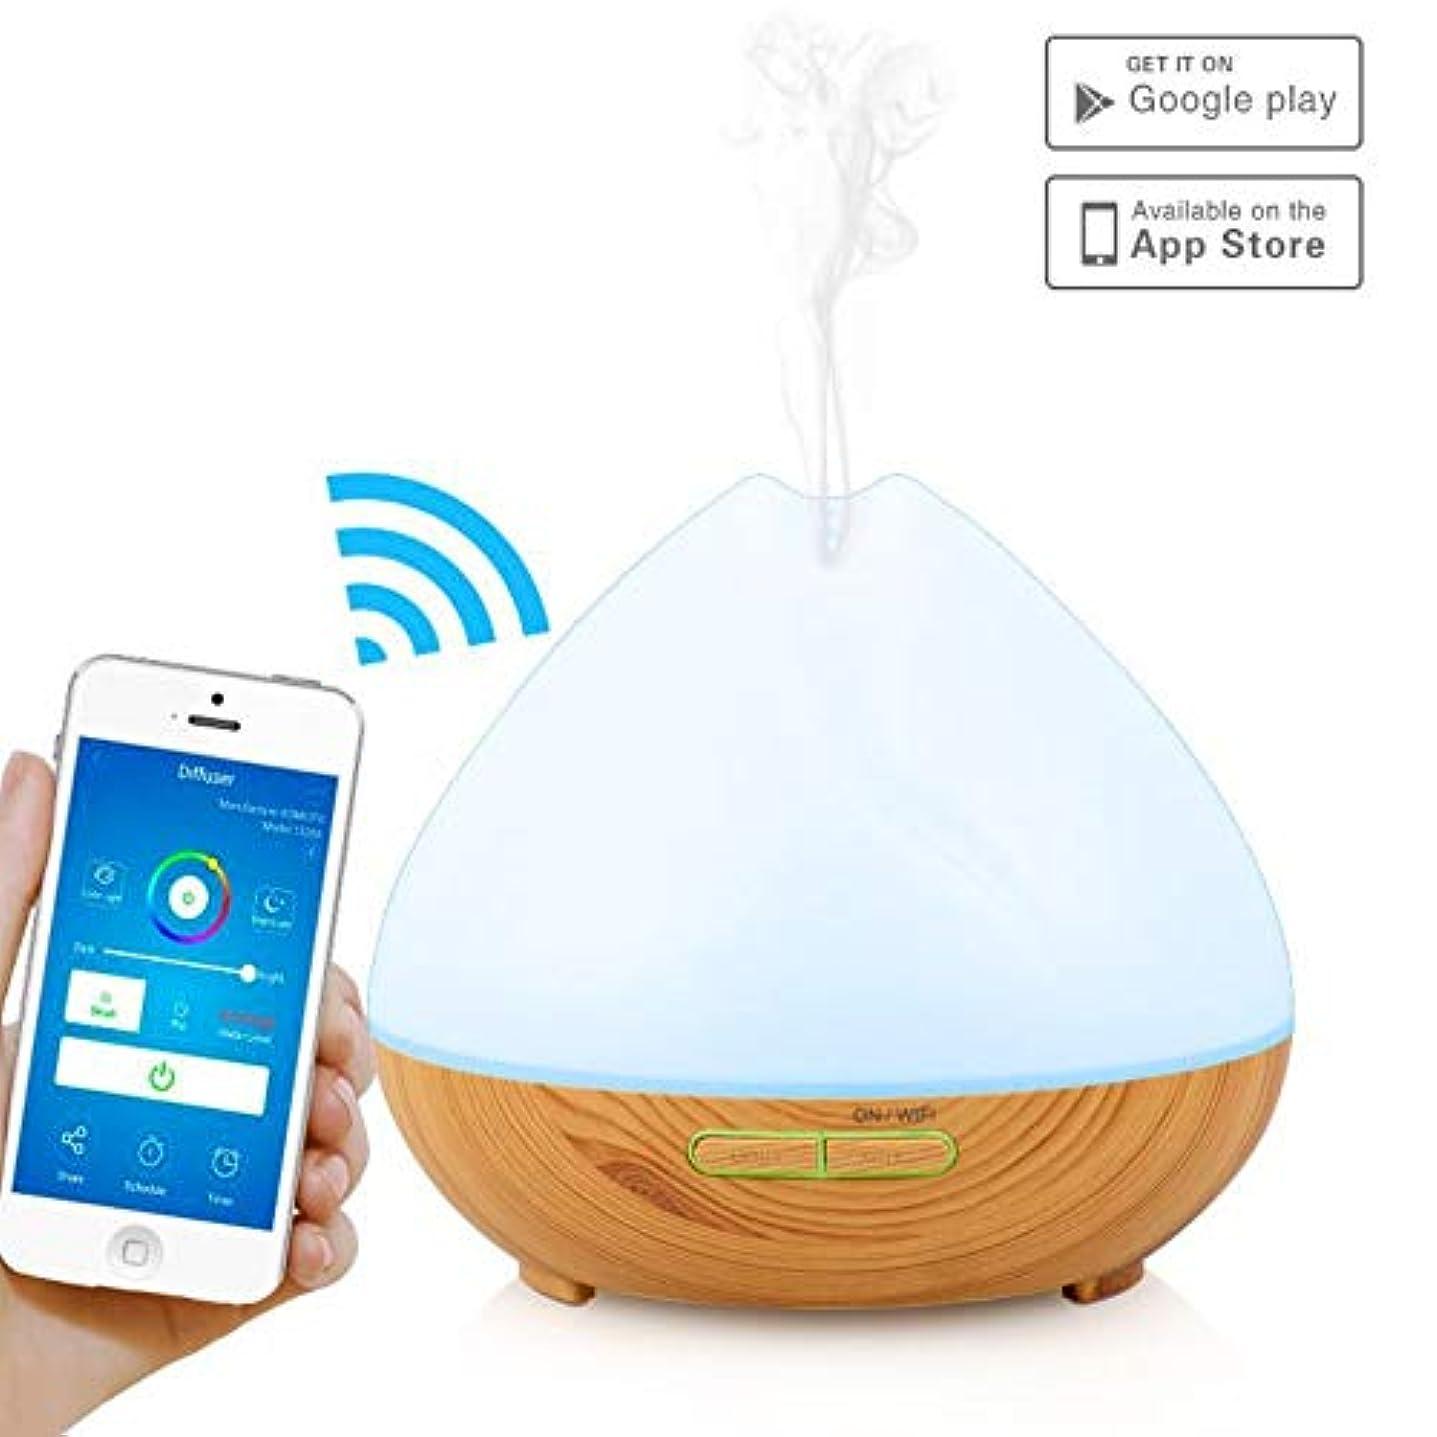 申請者課税国民投票スマートWifiワイヤレスエッセンシャルオイルアロマセラピー400 ml超音波ディフューザーと加湿器AlexaとGoogle自宅電話アプリと音声制御-スケジュールの作成-LEDとタイマー設定